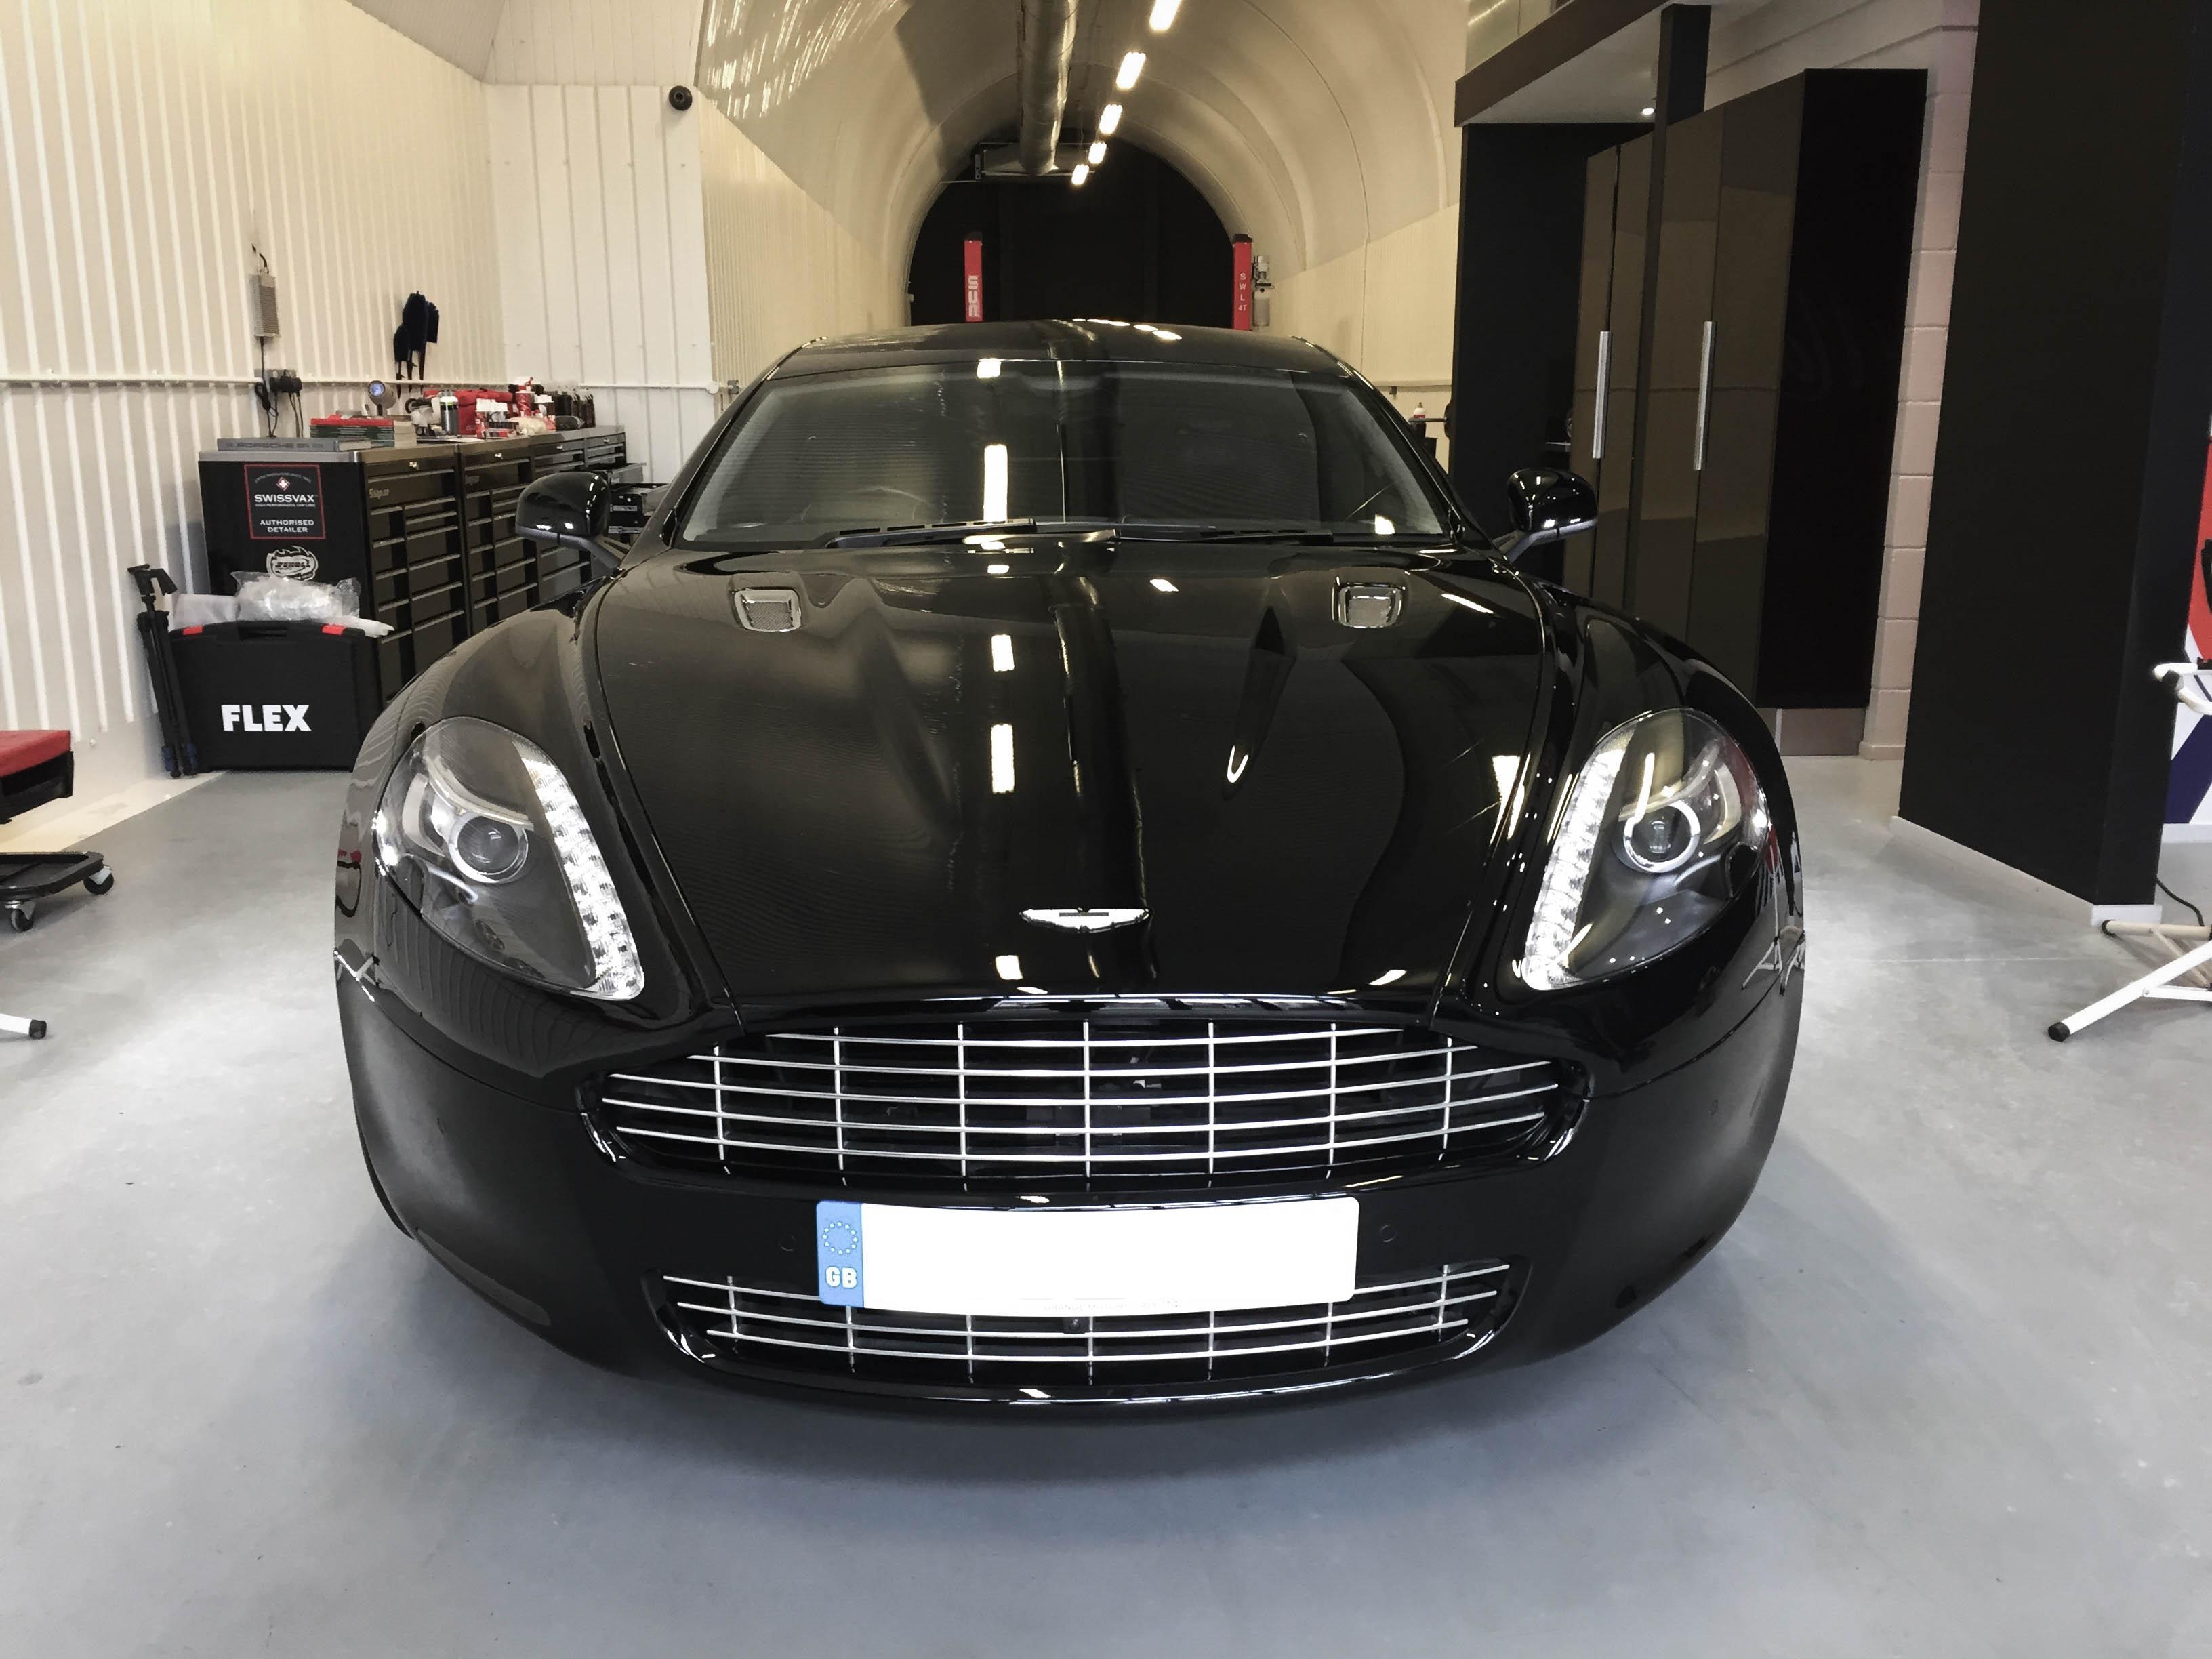 Aston Martin Rapide – Straight on